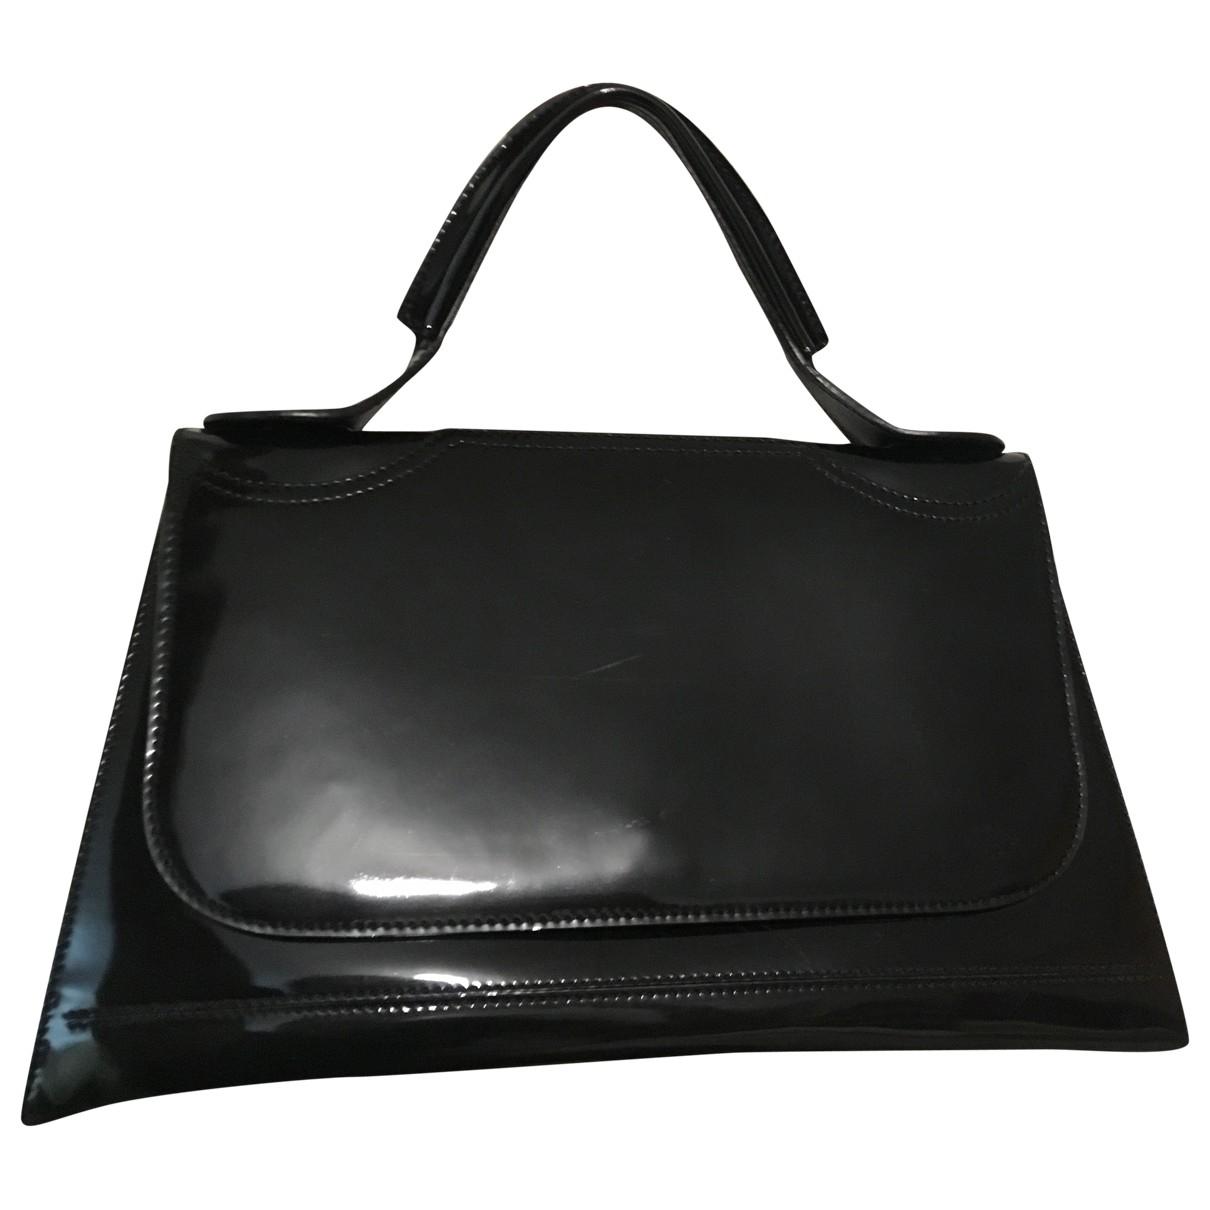 Fendi \N Black Patent leather handbag for Women \N